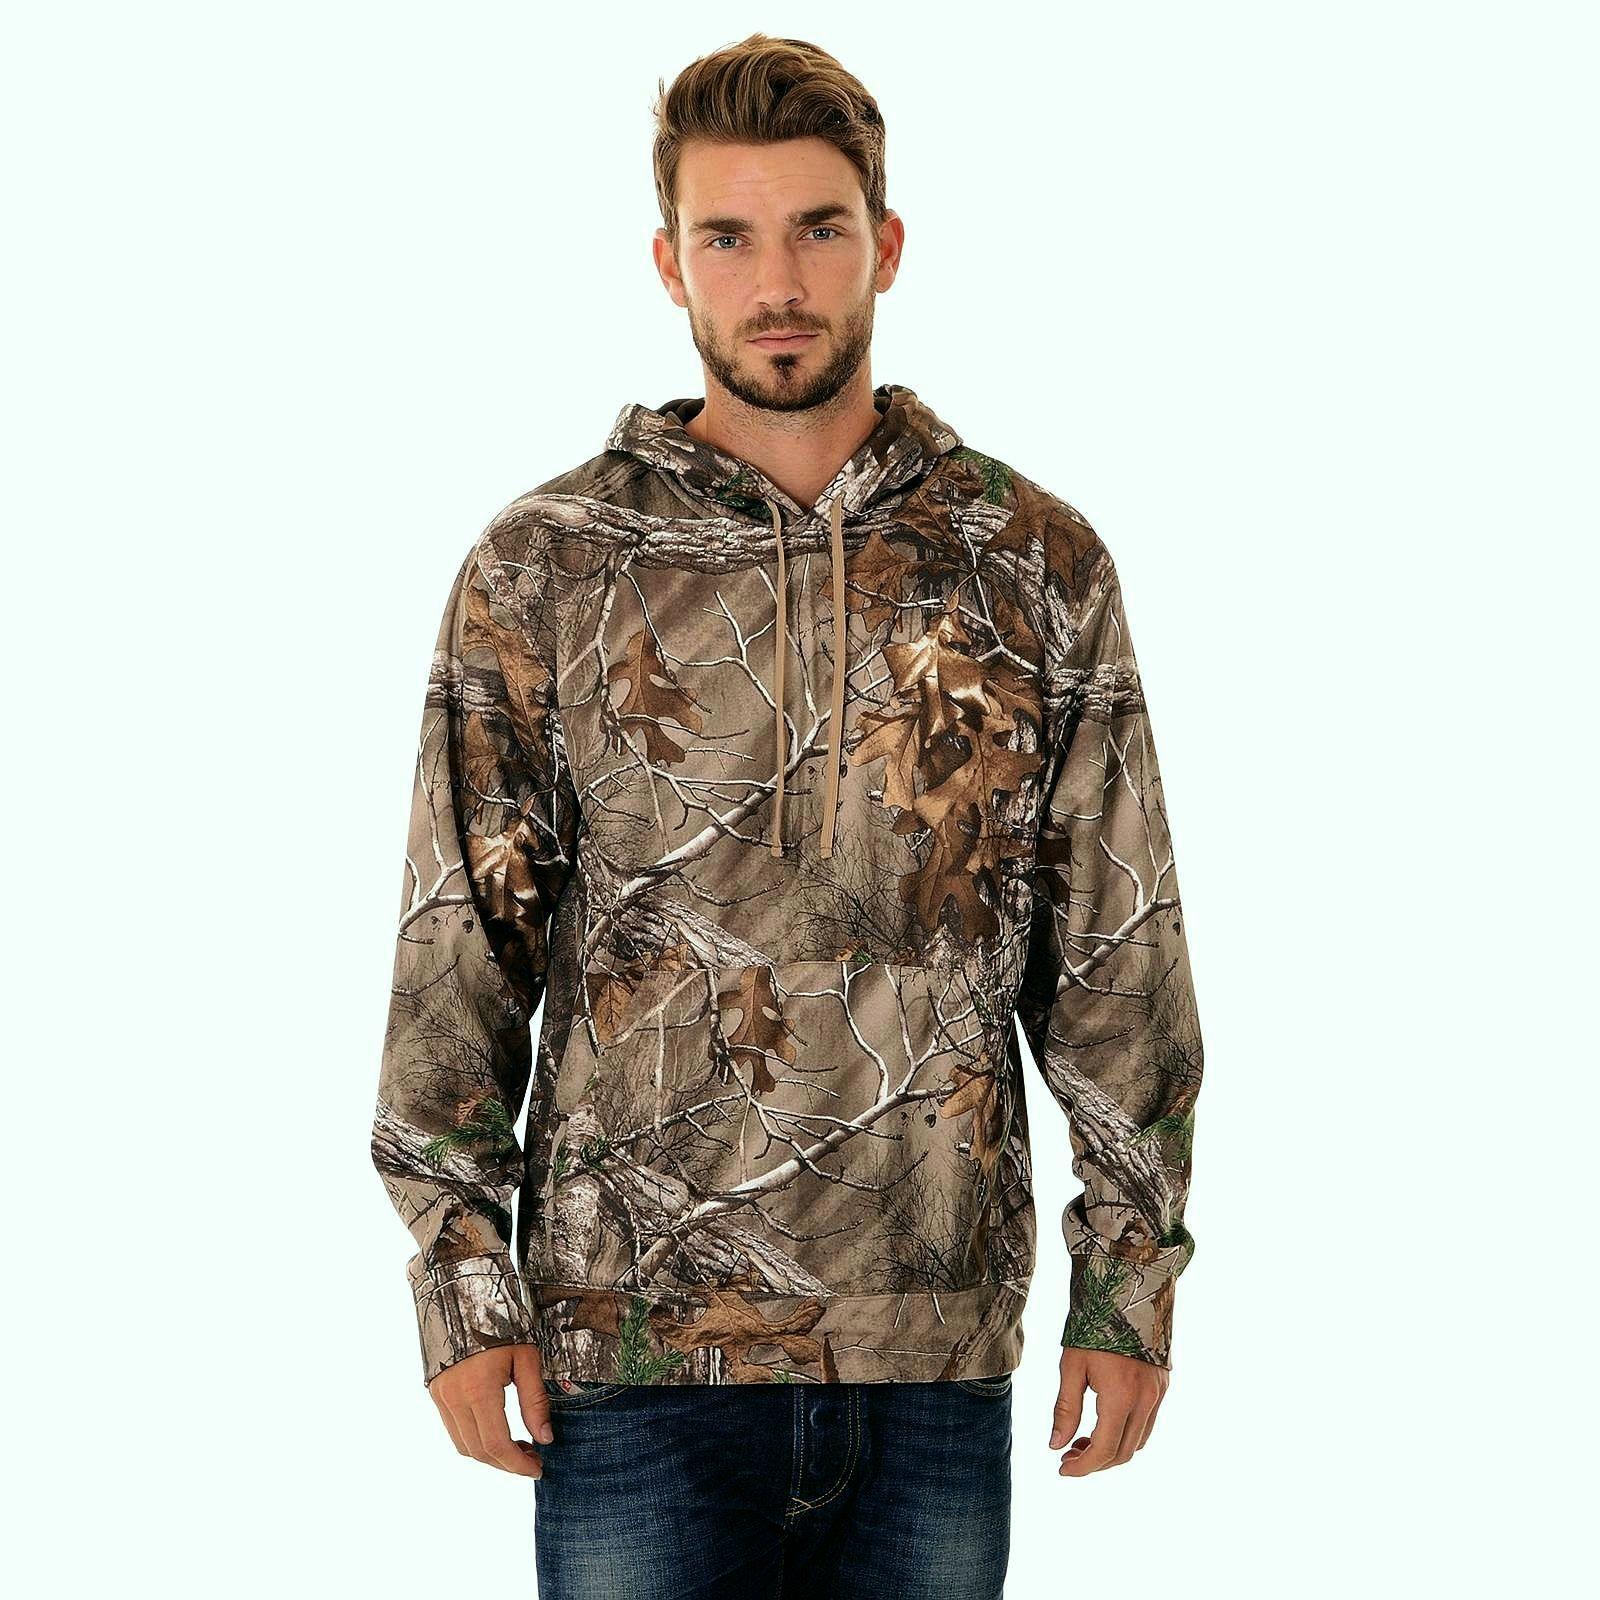 REALTREE XTRA bluza techniczna camo XL